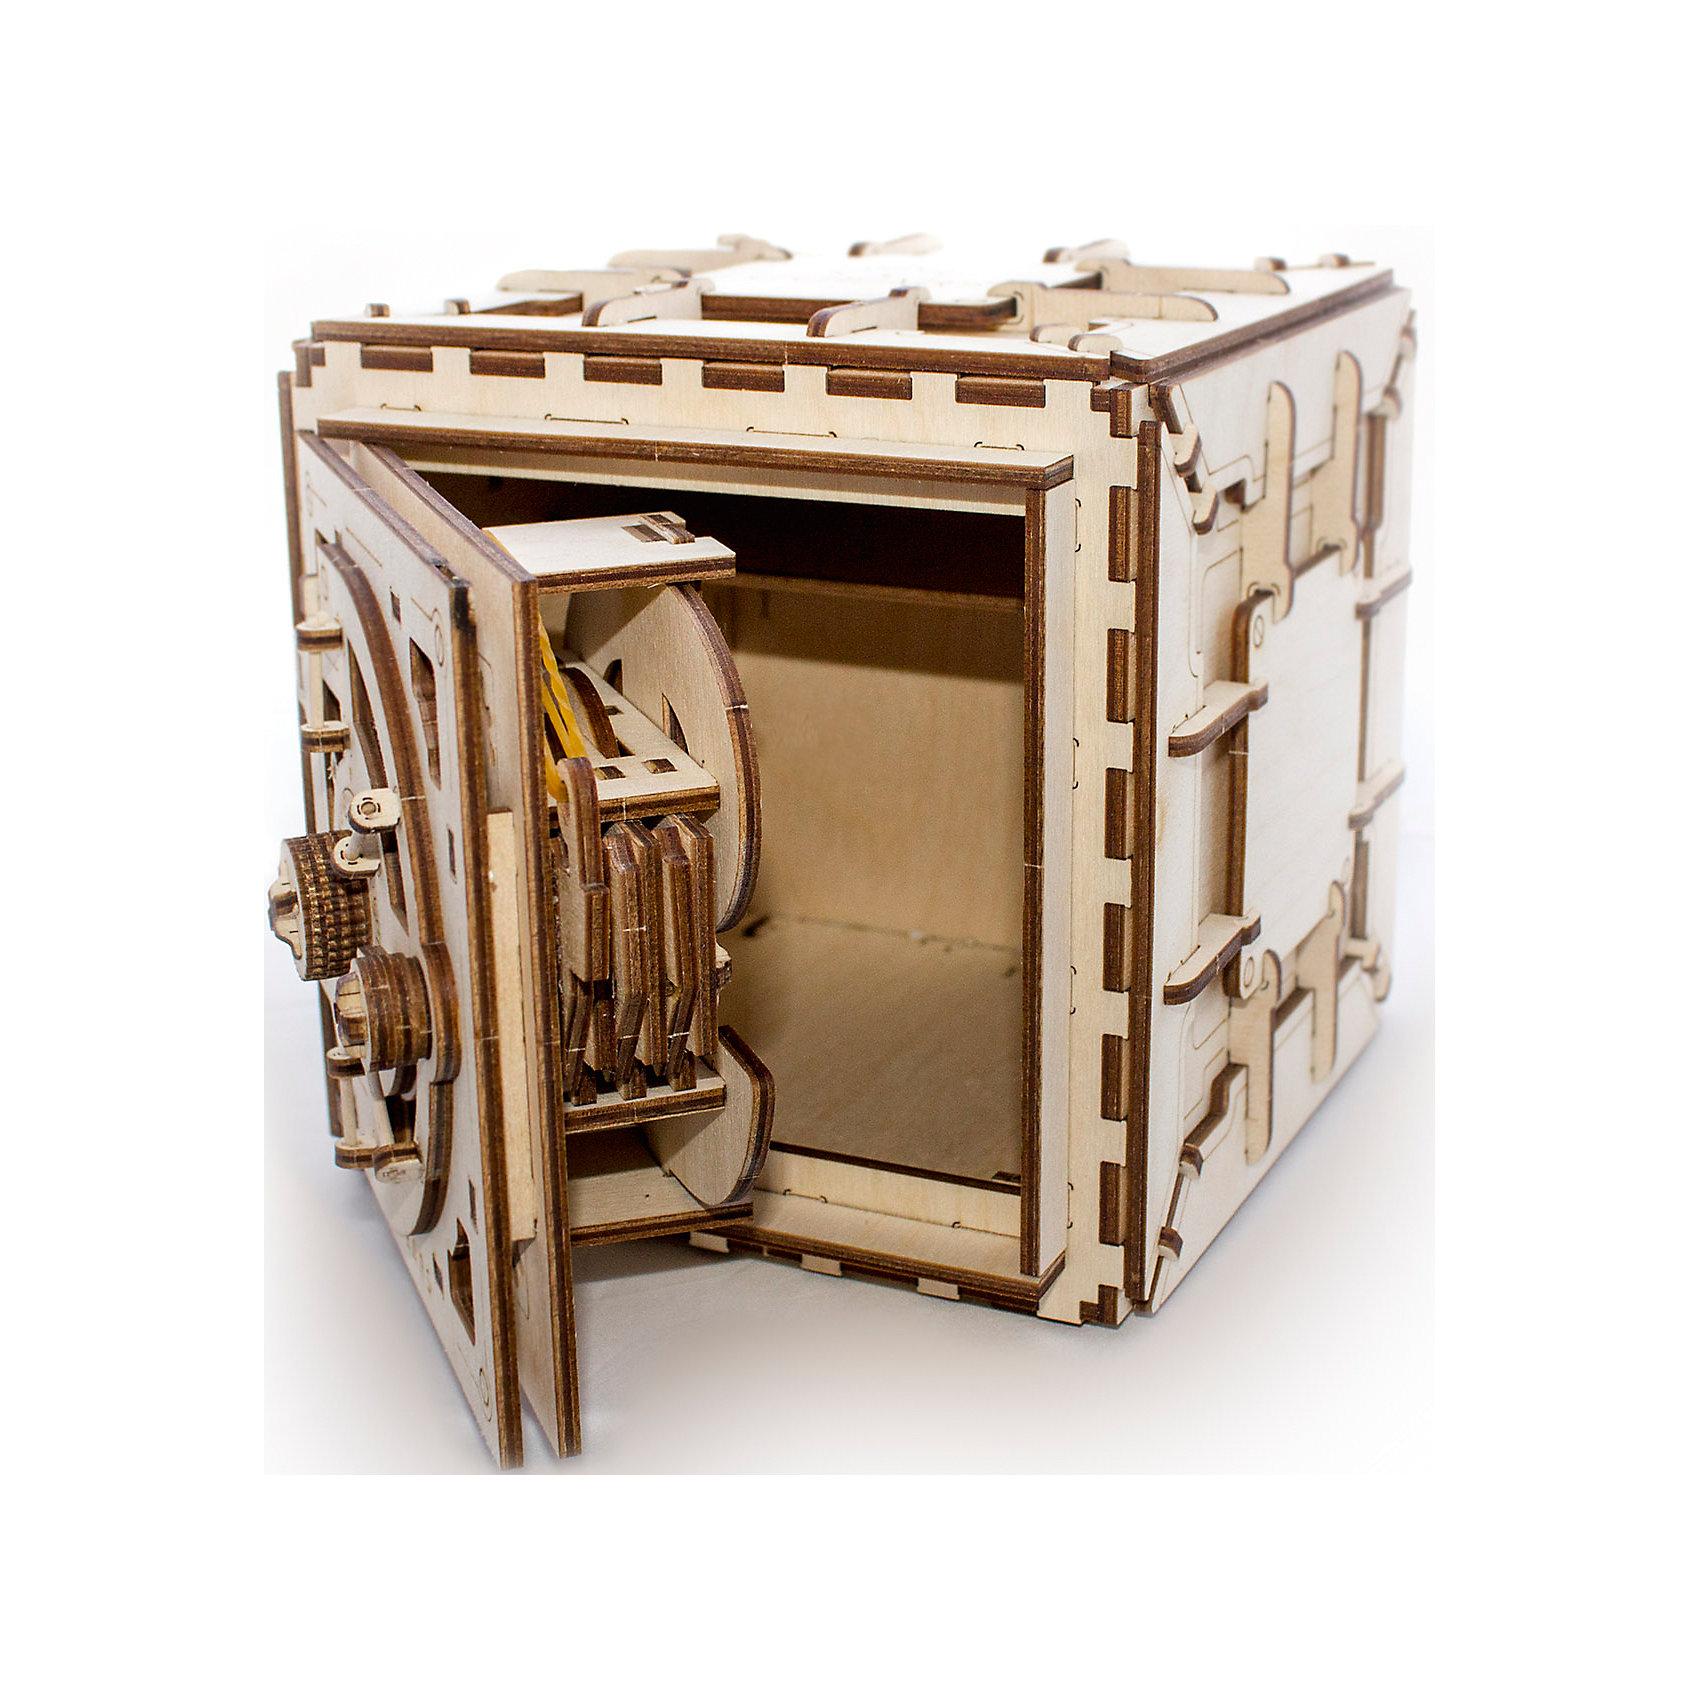 Сейф, UGEARSДеревянные конструкторы<br>Сейф от UGEARS это очень интересный способ надежно сохранить ваши лучшие воспоминания и теплые чувства. Это настоящий сейф с кодовым замком на 3 цифры. <br>А еще сейф это необычный подарок и развлечение. Например, в середину вы можете положить приз и подарить сейф в закрытом виде, предложив всей компании игру в медвежатников. Человек может попробовать открыть сейф, слушая звуки внутри или просто крутить ручку наугад. Это будет гарантированно весело и необычно. Главное, предварительно потренироваться самому и объяснить медвежатникам принципы открытия замка. Но в случае если интрига слишком затянется, то можно просто открыть код. <br> Правила открытия Сейфа: <br> Сначала обнулите кодовый замок: покрутите ручку сейфа против часовой (влево) на один-два оборота. Теперь можно набирать код: <br>1 - Проверните ручку против часовой (влево) до первой цифры от 1 до 9. Остановитесь на ней. <br>2 - Теперь крутите ручку по часовой (вправо) до цифры ноль. После прохождения нуля продолжайте крутить ручку вправо до второй цифры кода от 1 до 9. Остановитесь на ней. <br>3 - Снова крутите ручку против часовой (влево) до третьей цифры кода. <br> Если комбинация верна на третьей цифре сейф щелкнет и откроется сам. <br> Модель для самостоятельной сборки без клея.<br><br>Размер модели в готовом виде: 196*185*176 мм<br>Внутреннее пространство сейфа: В*Ш*Г 155*140*105 мм<br>Размер упаковки 370*170*35 мм<br>Количество деталей - 179 шт.<br>Расчетное время сборки: 6-7 часов<br><br>Ширина мм: 375<br>Глубина мм: 170<br>Высота мм: 35<br>Вес г: 1327<br>Возраст от месяцев: 168<br>Возраст до месяцев: 192<br>Пол: Унисекс<br>Возраст: Детский<br>SKU: 5226405